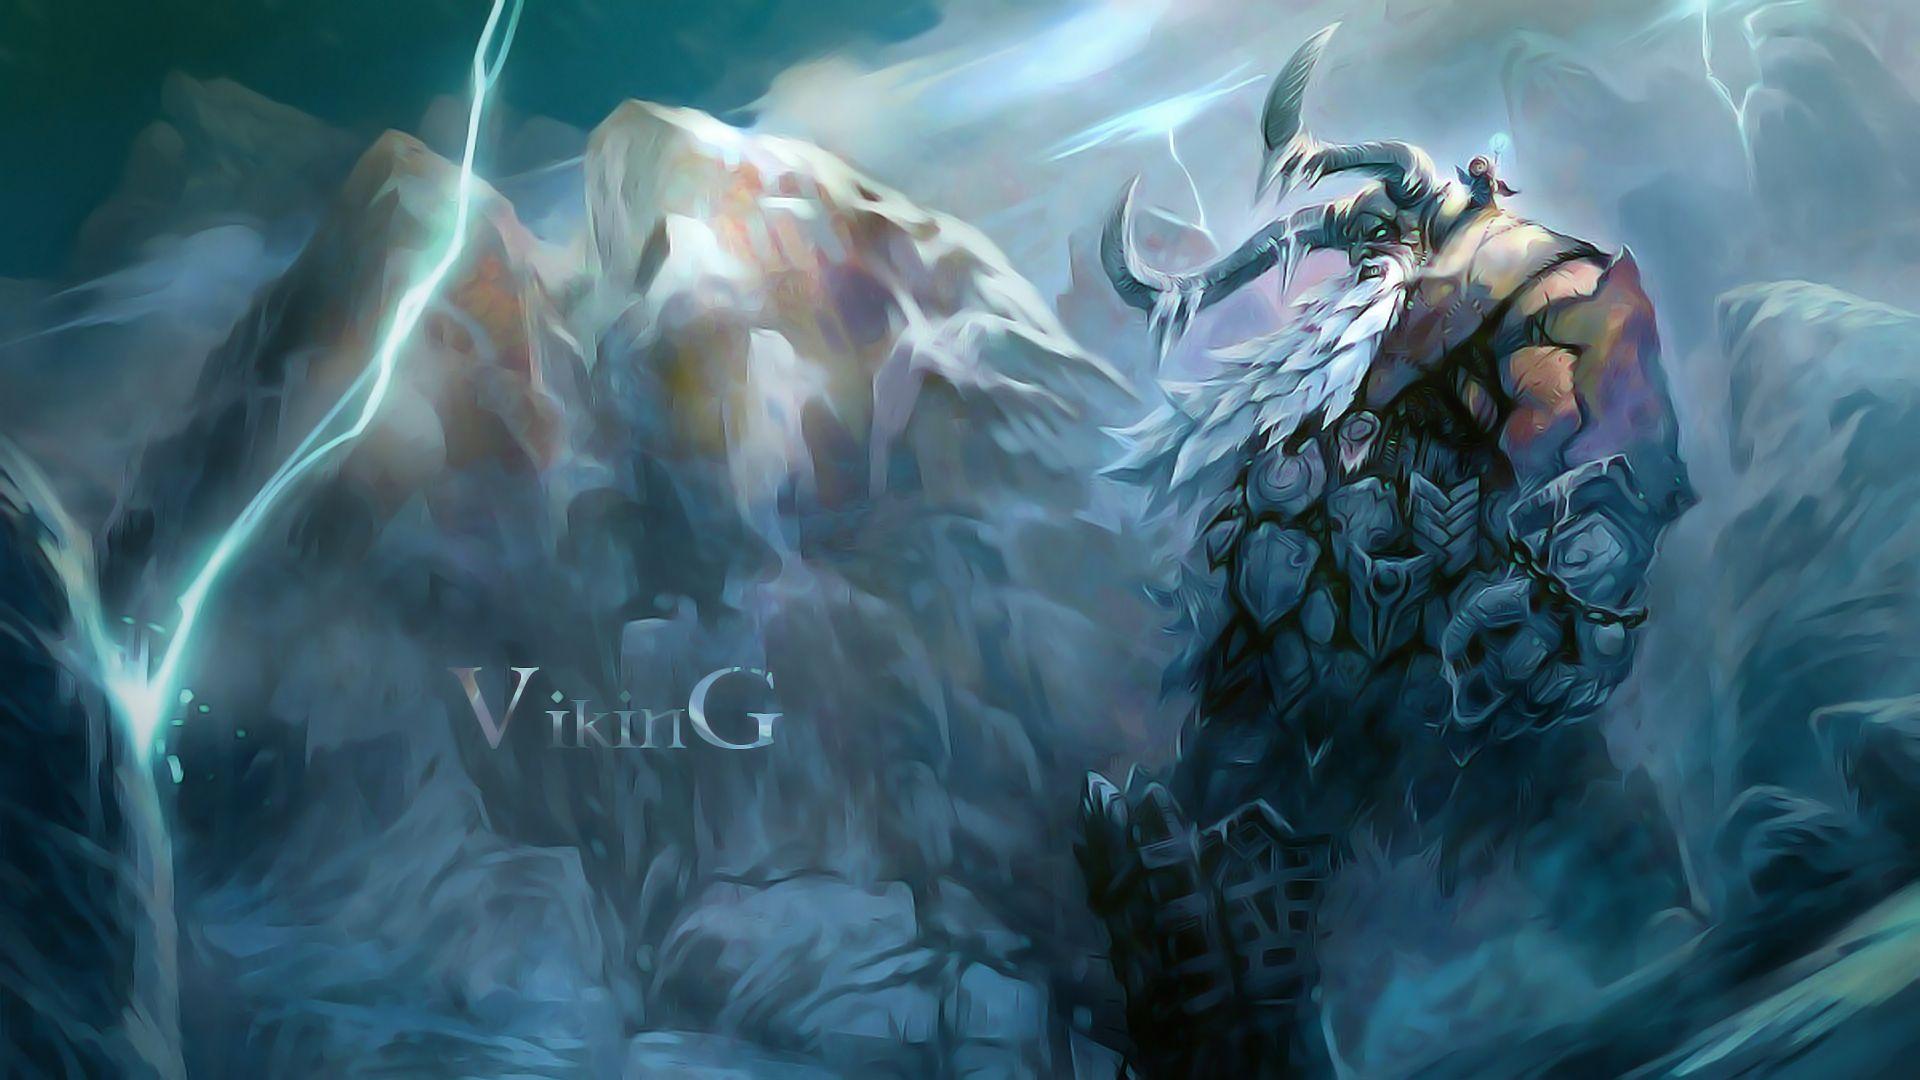 Norse Wallpaper Odin